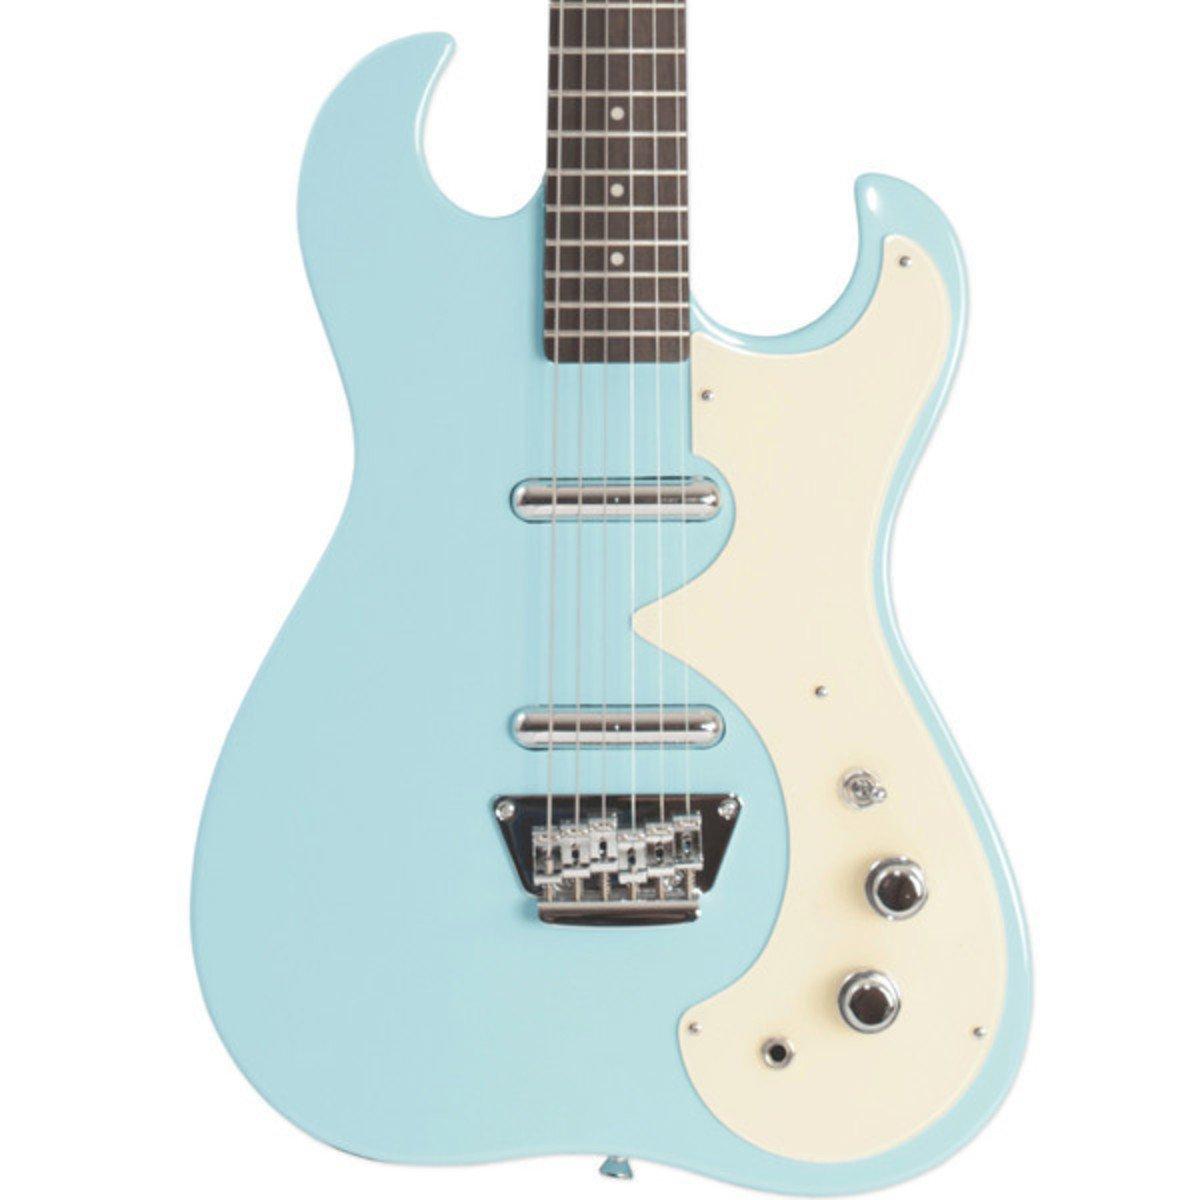 Silvertone 1449 Eléctrica + Pack de Ampli SubZero Tube20R Daphne Blue: Amazon.es: Instrumentos musicales